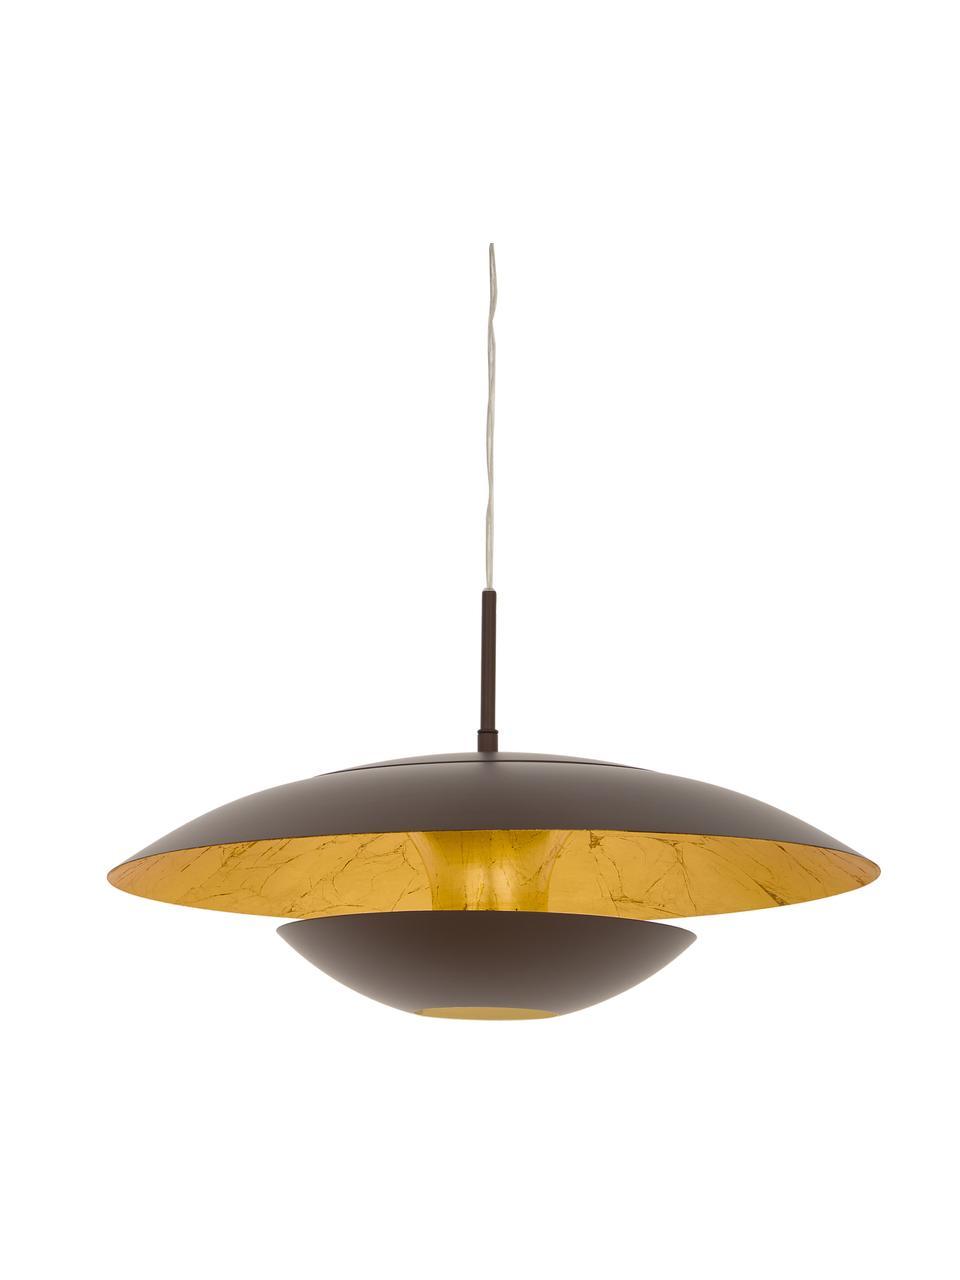 Lampa wisząca Nuvano, Brązowy, odcienie złotego, Ø 48 x W 18 cm